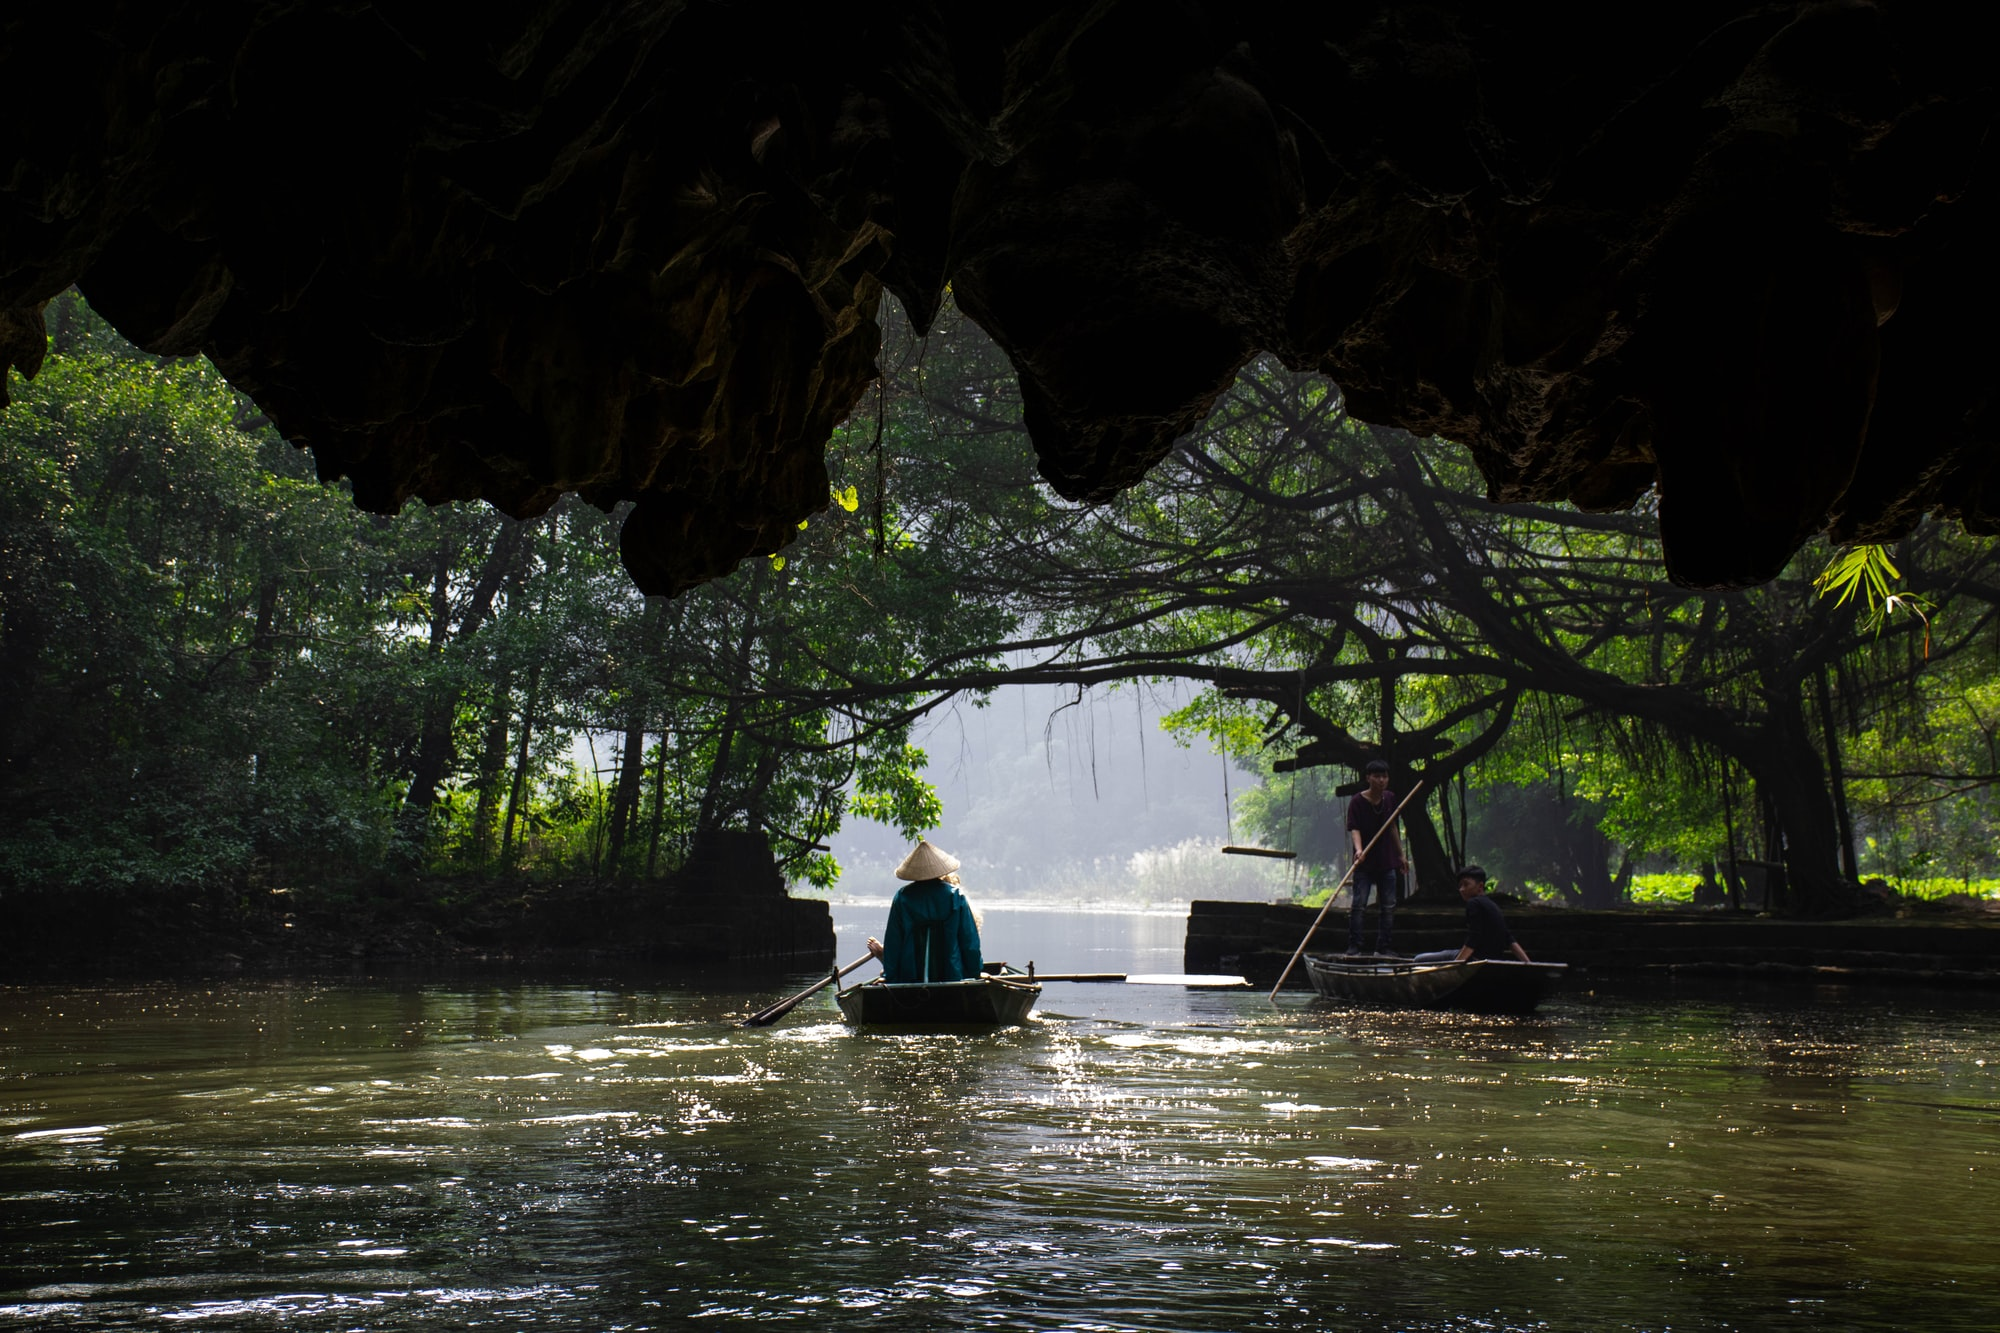 Po Nehrinin Kolu Olan Bir Irmak Bulmaca Anlamı Nedir?